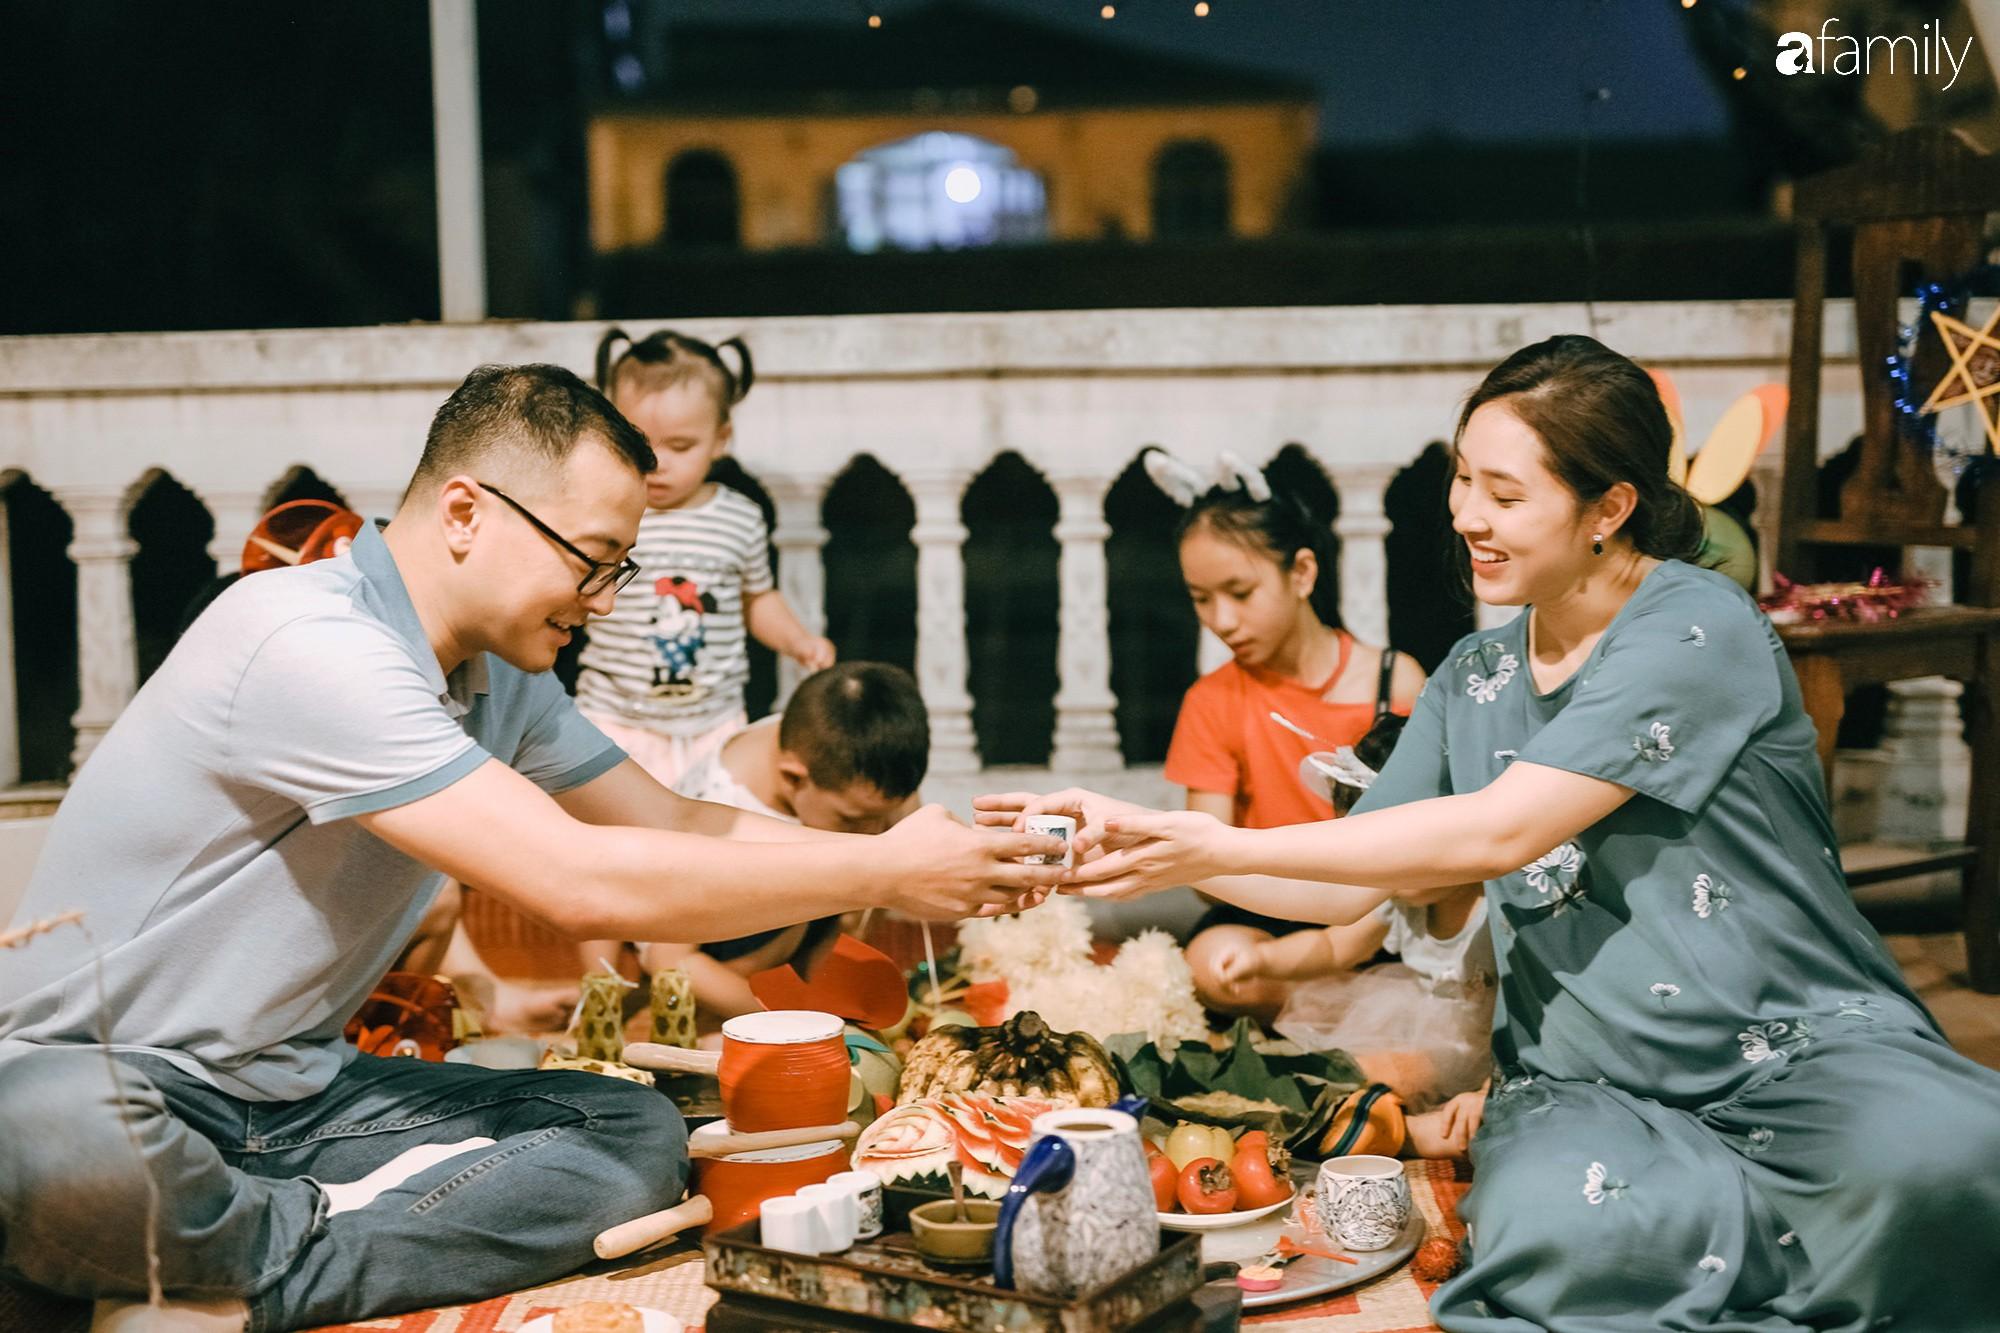 Tinh tế, cầu kỳ như Trung thu truyền thống của người Hà Nội: Chừng nào người lớn còn mặn nồng, truyền thống làm sao mà nhạt được - Ảnh 21.